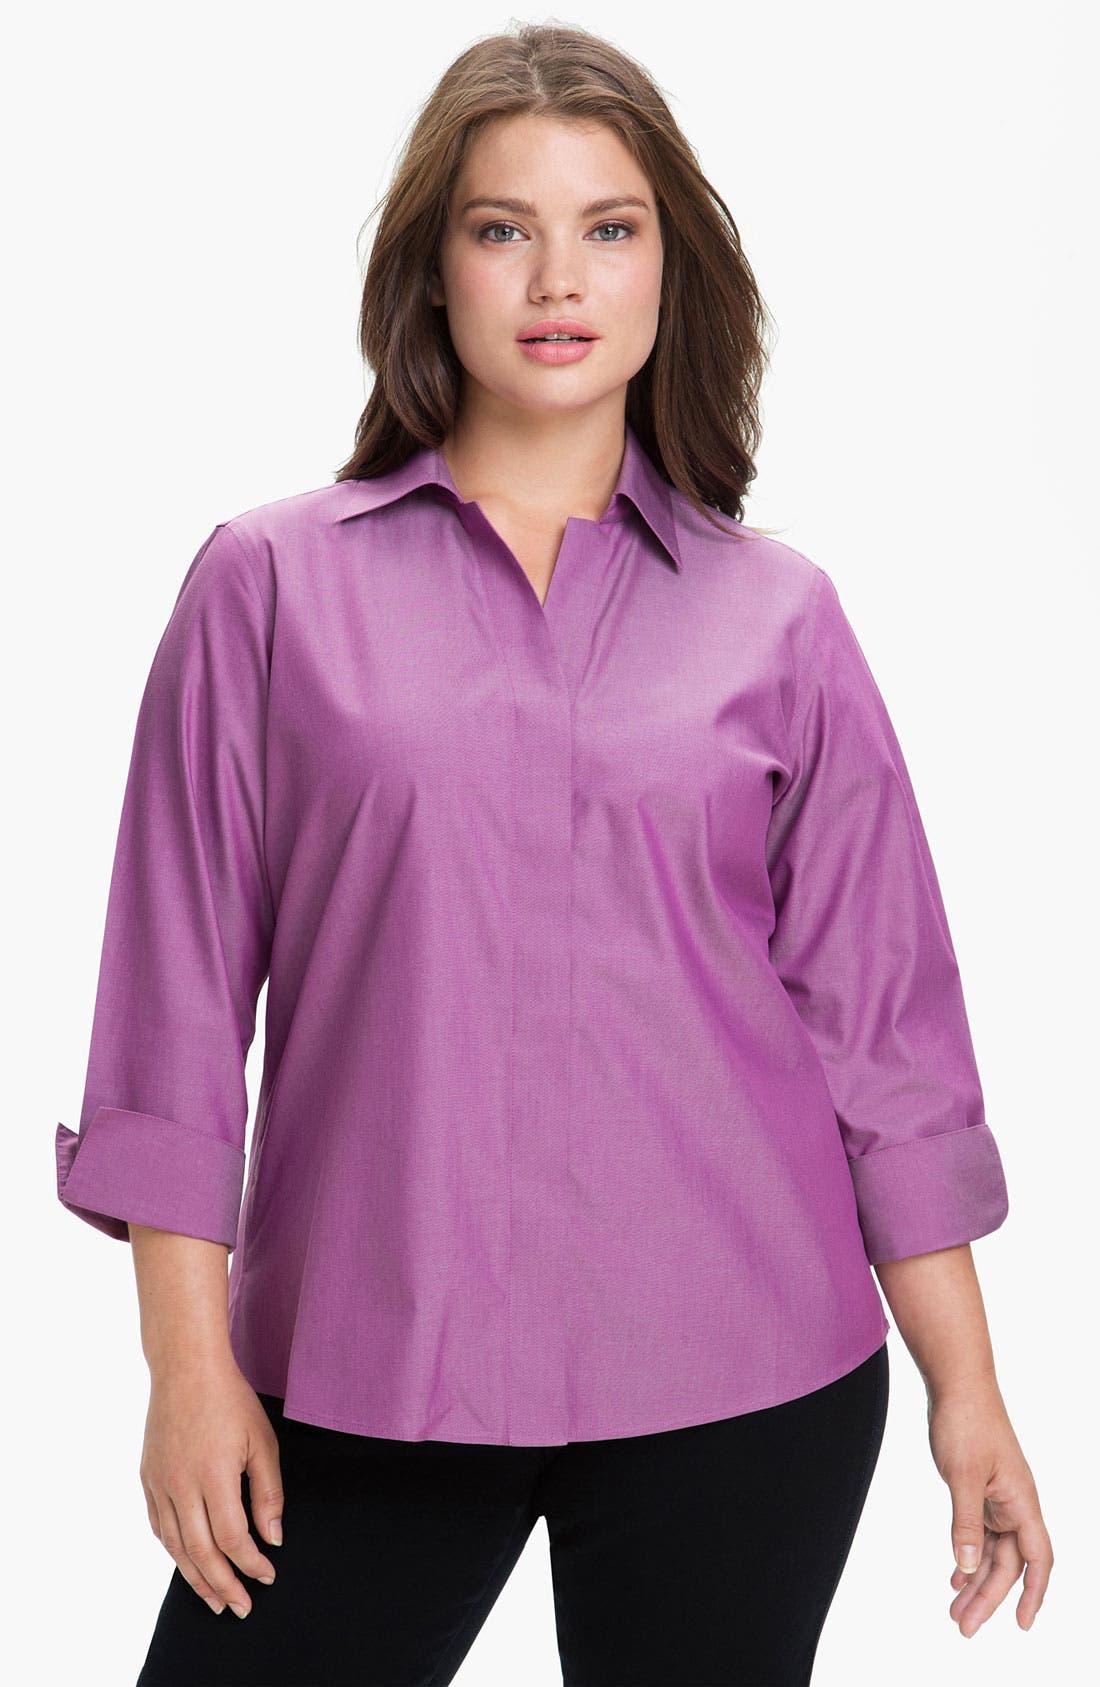 Main Image - Foxcroft Wrinkle Free Shaped Shirt (Plus Size)